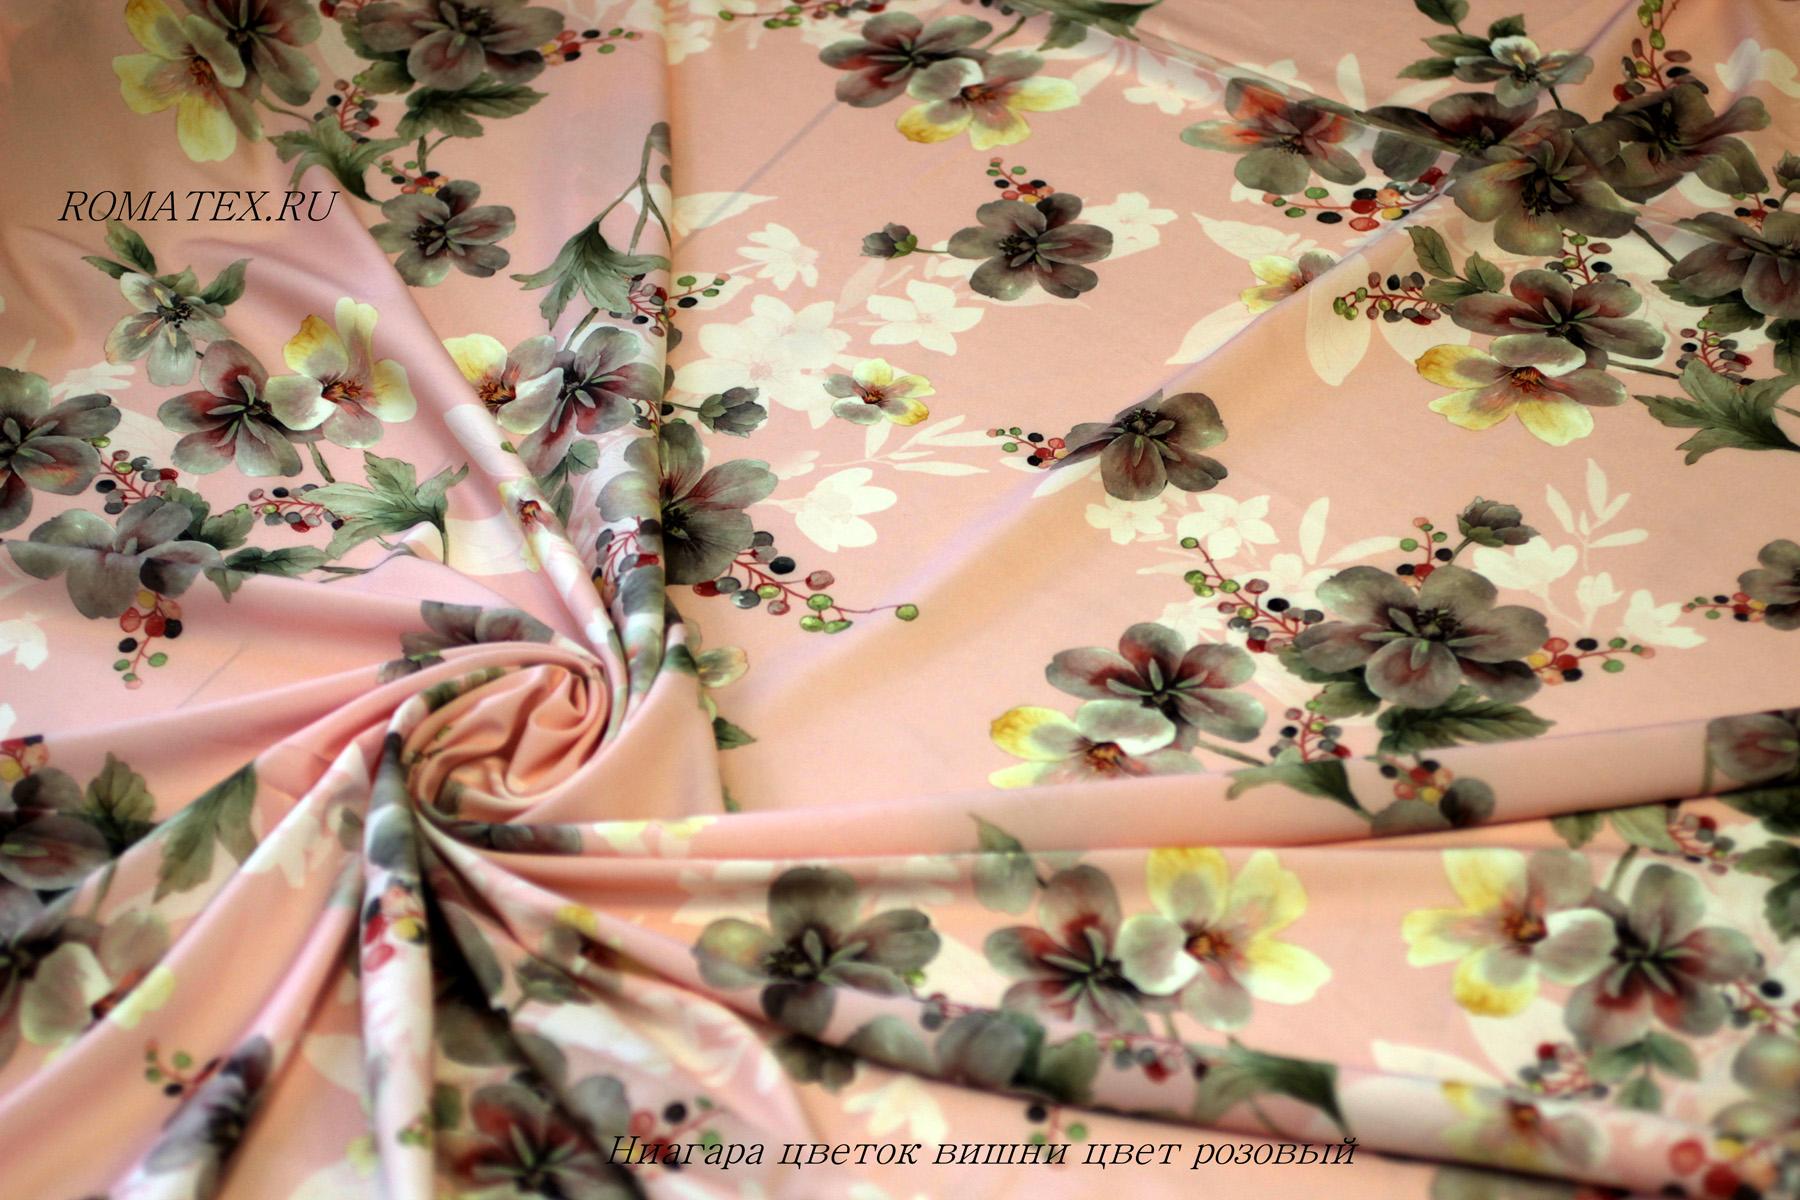 Ниагара цветок вишни цвет розовый